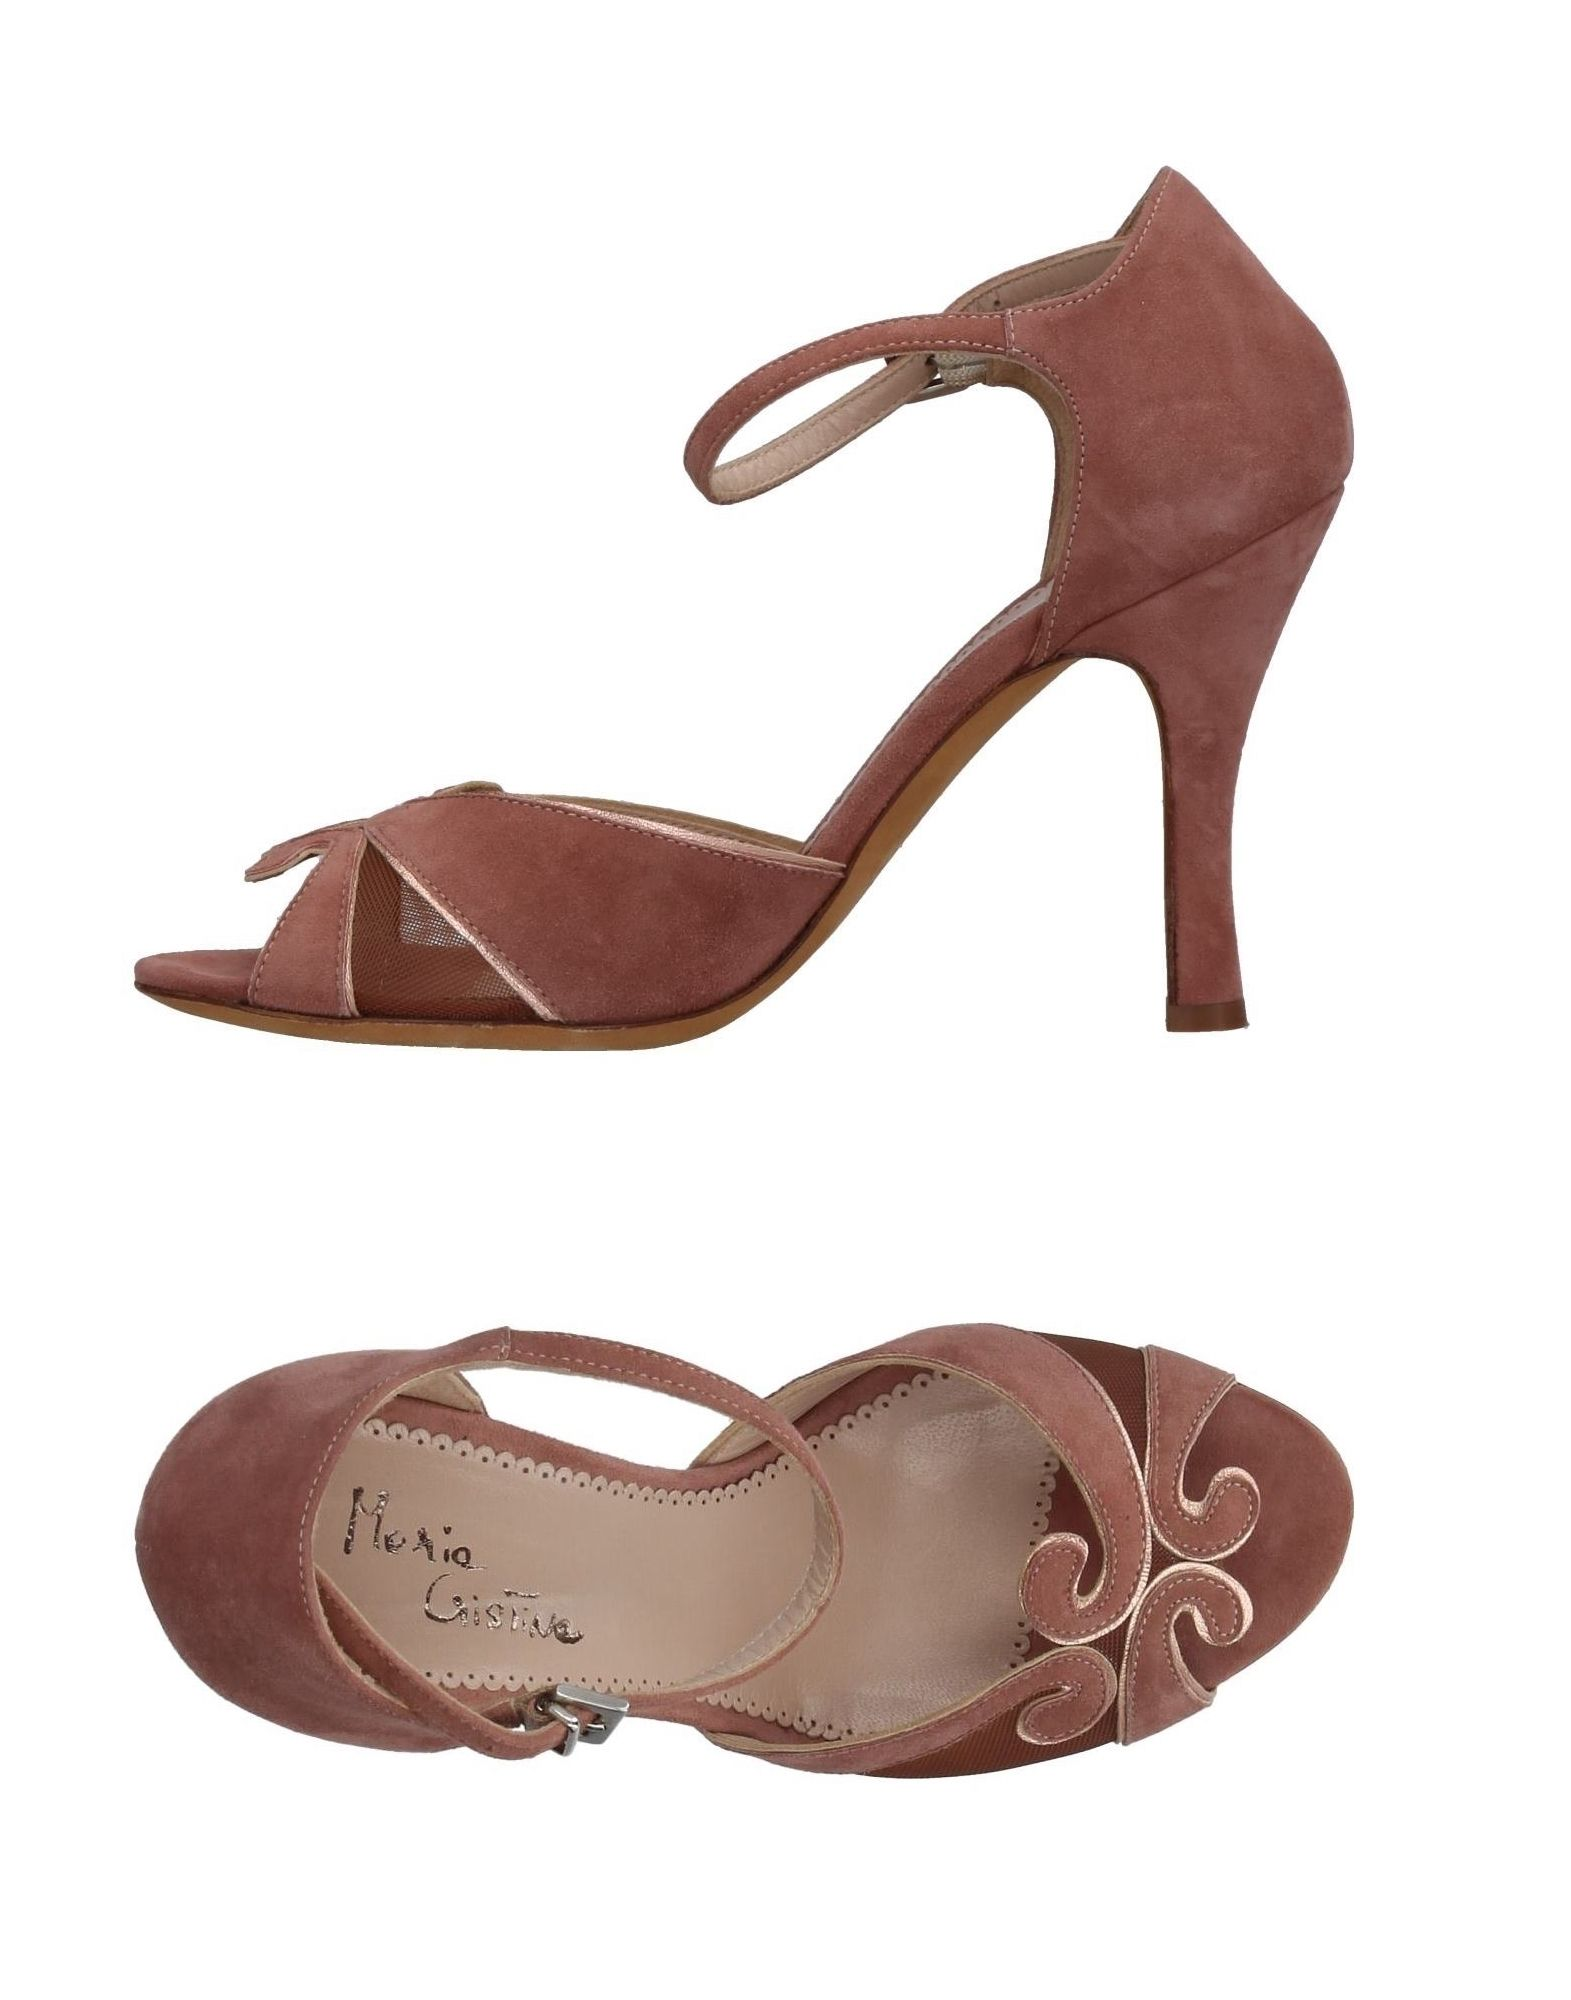 Maria Cristina Sandalen Damen  11363997DI Gute Qualität beliebte Schuhe